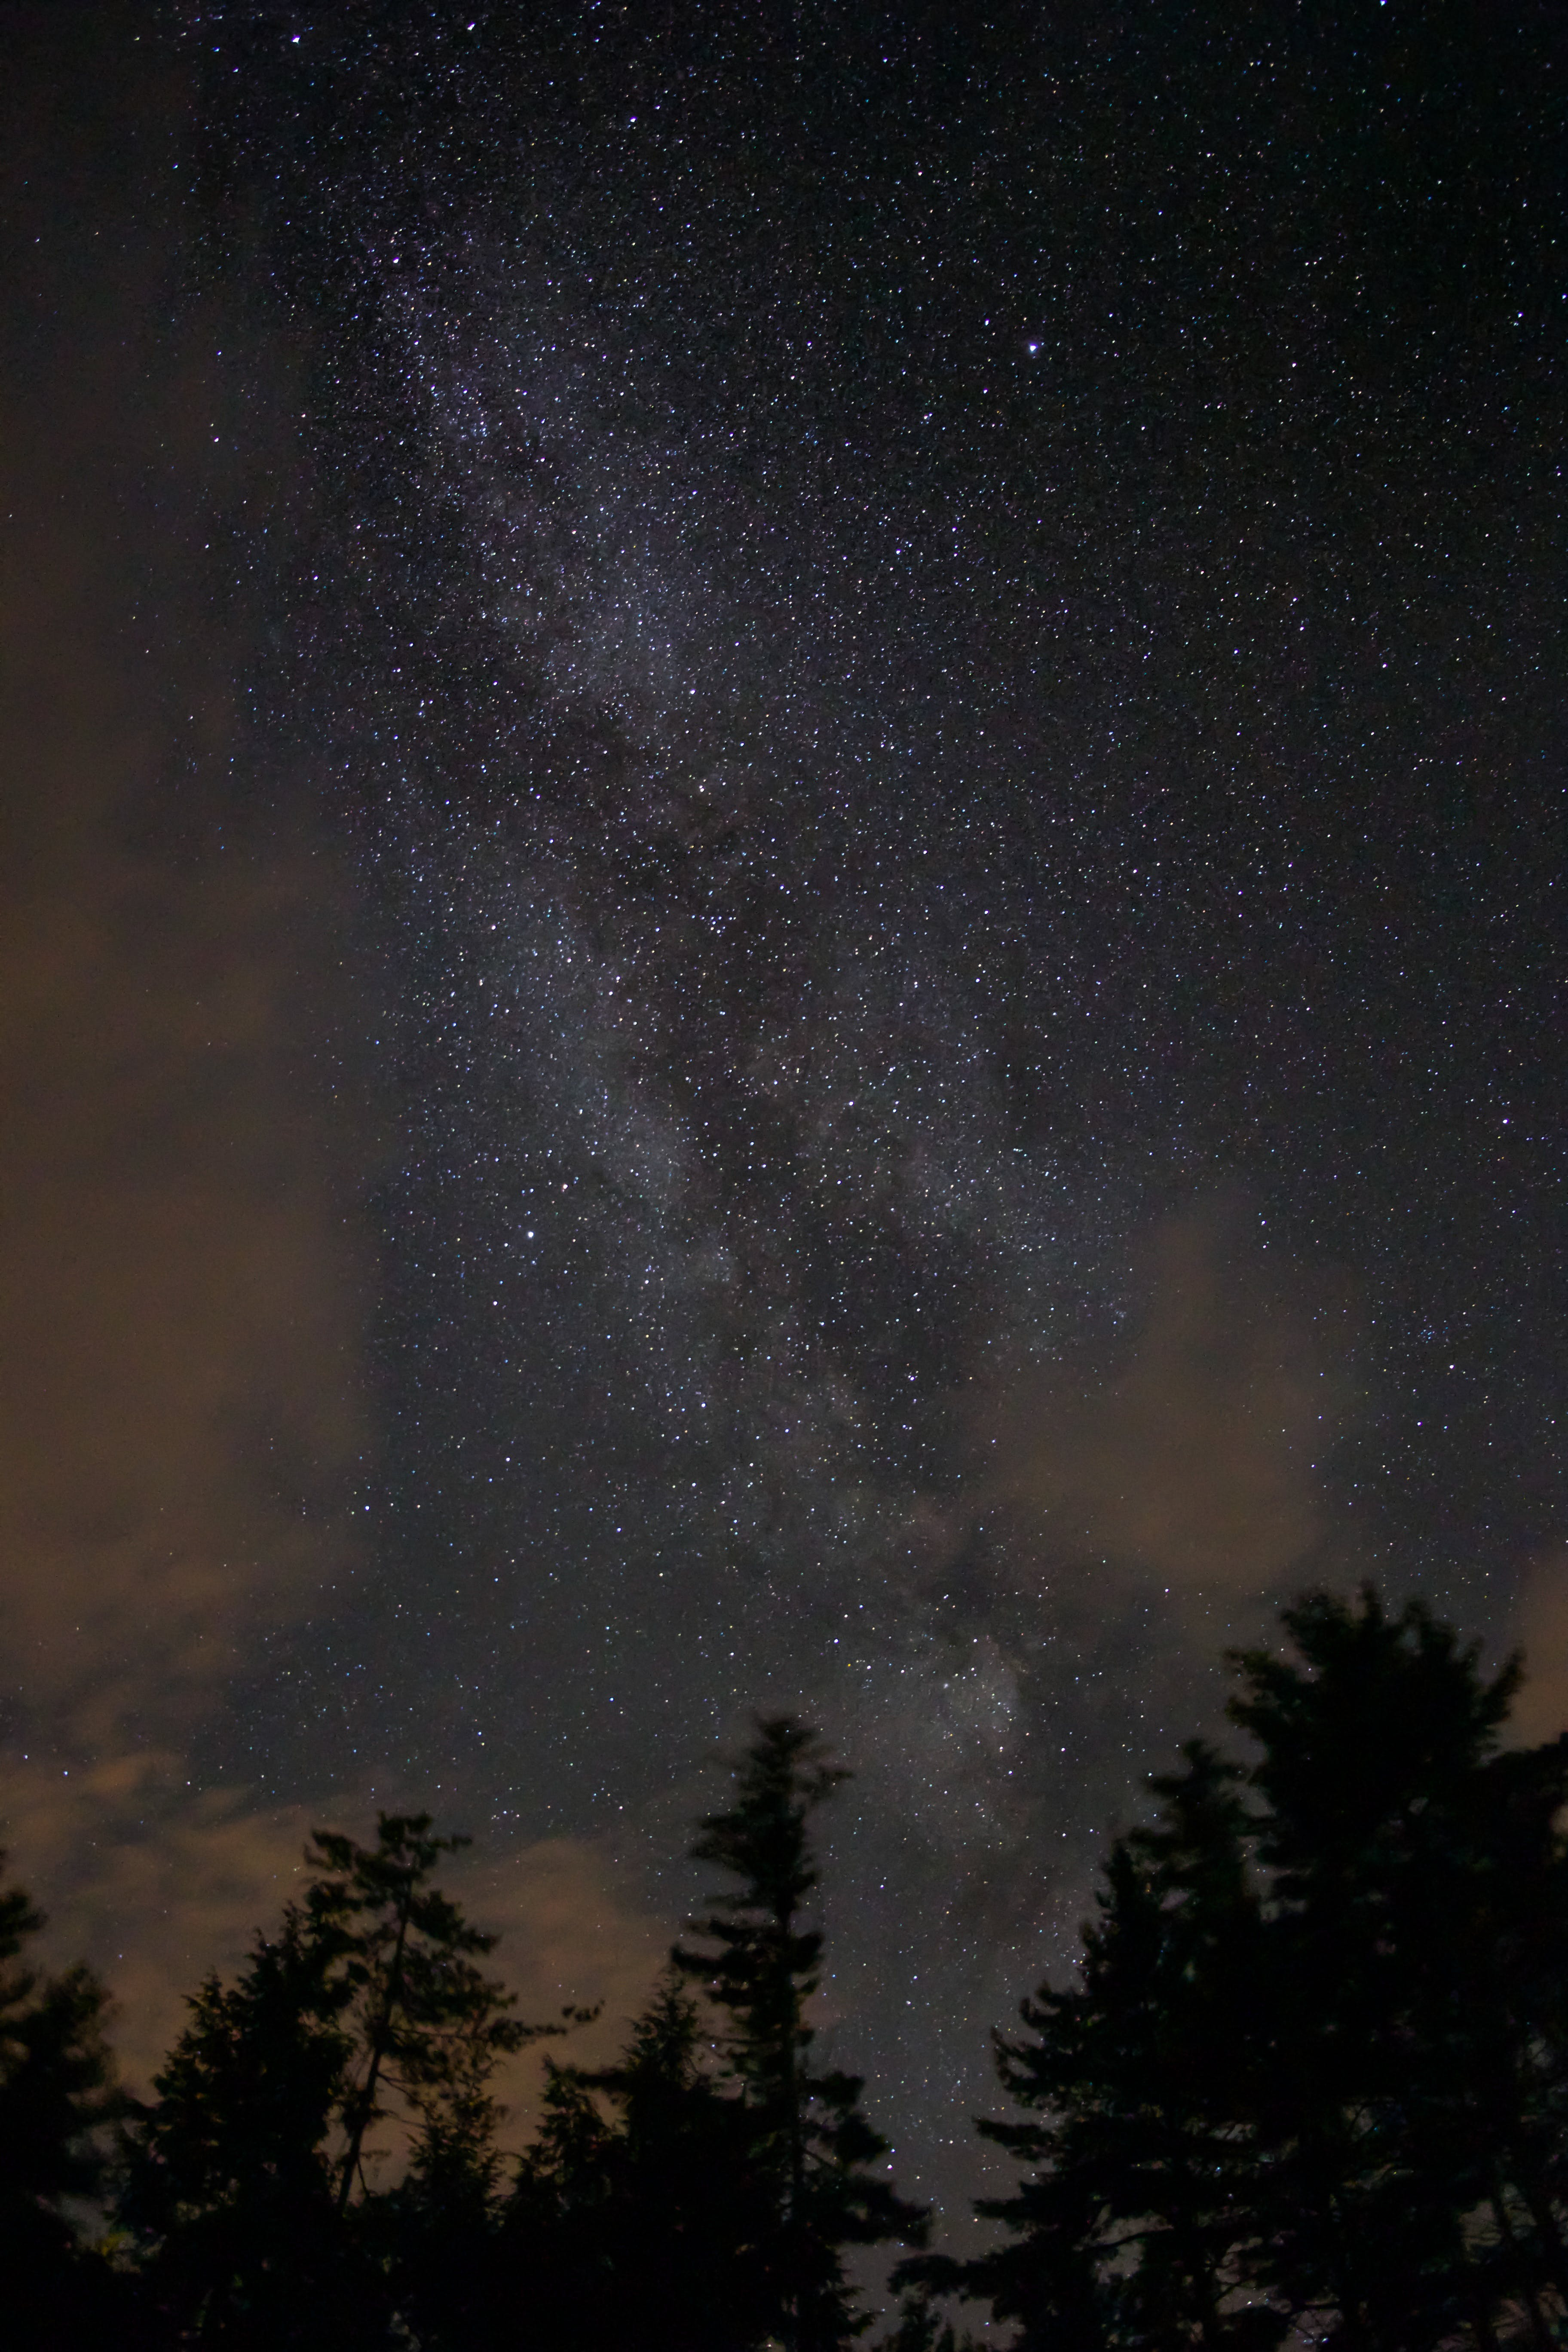 dark, low angle shot, night